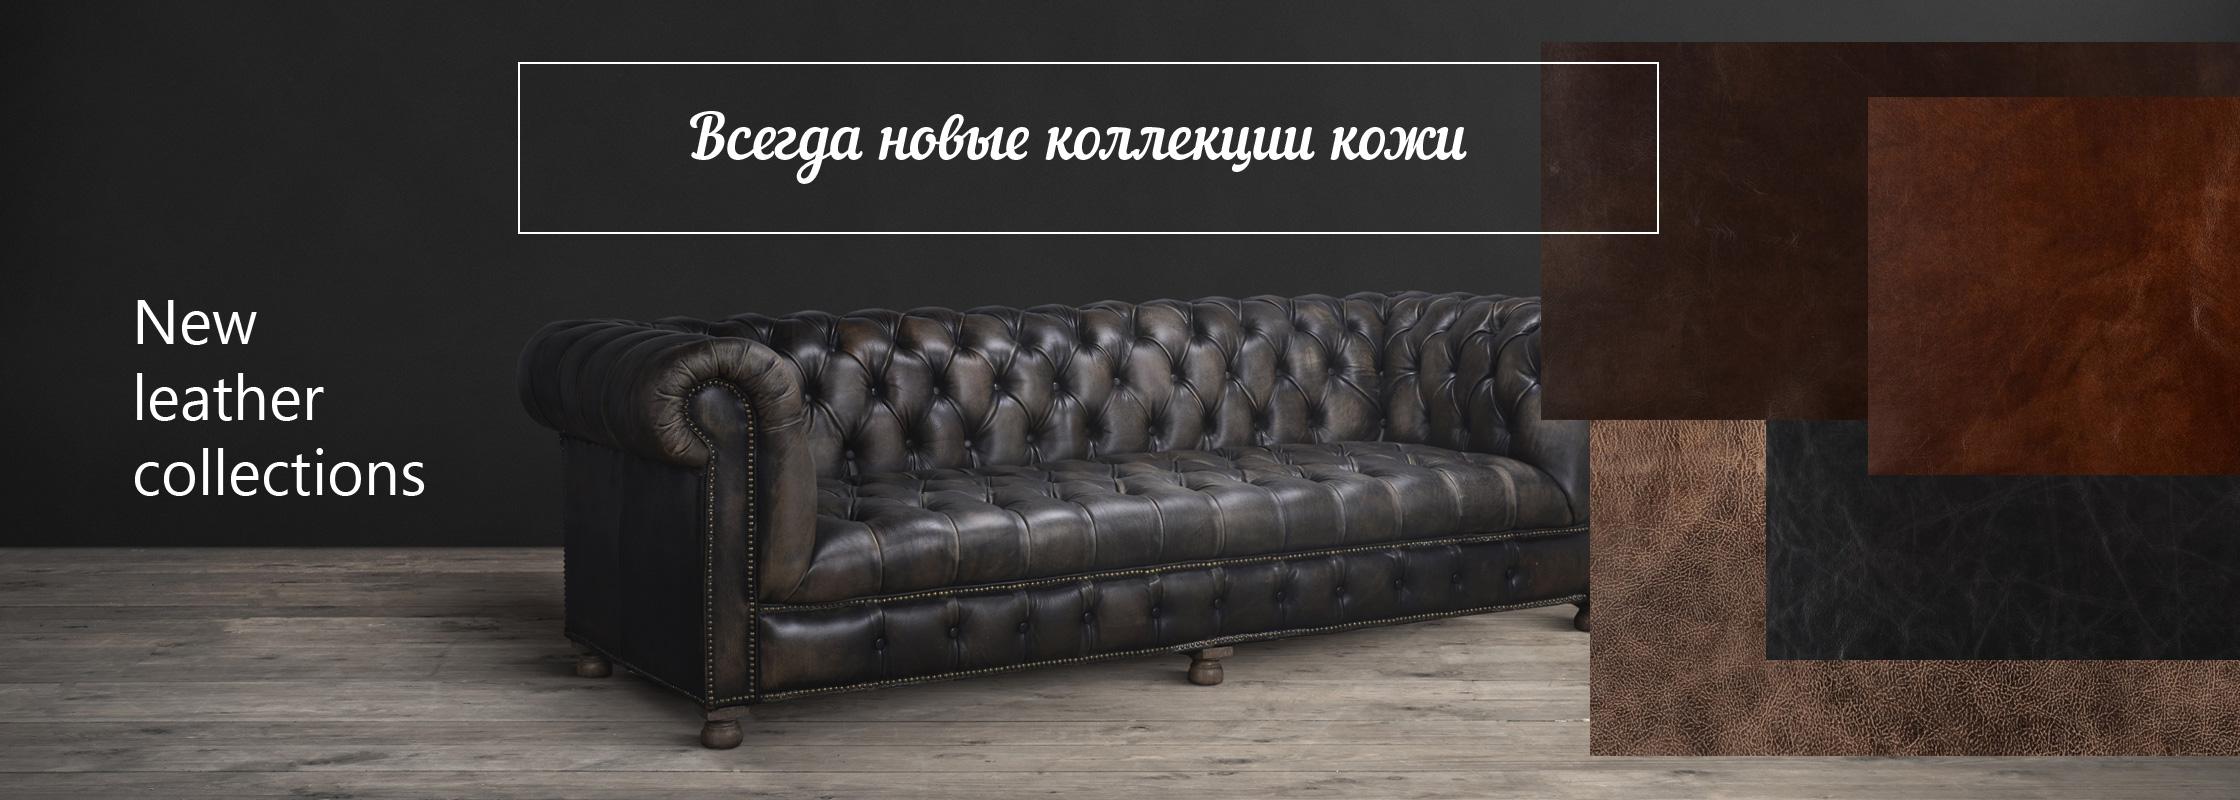 Мебельная кожа - изображение дивана и отрезков кожи